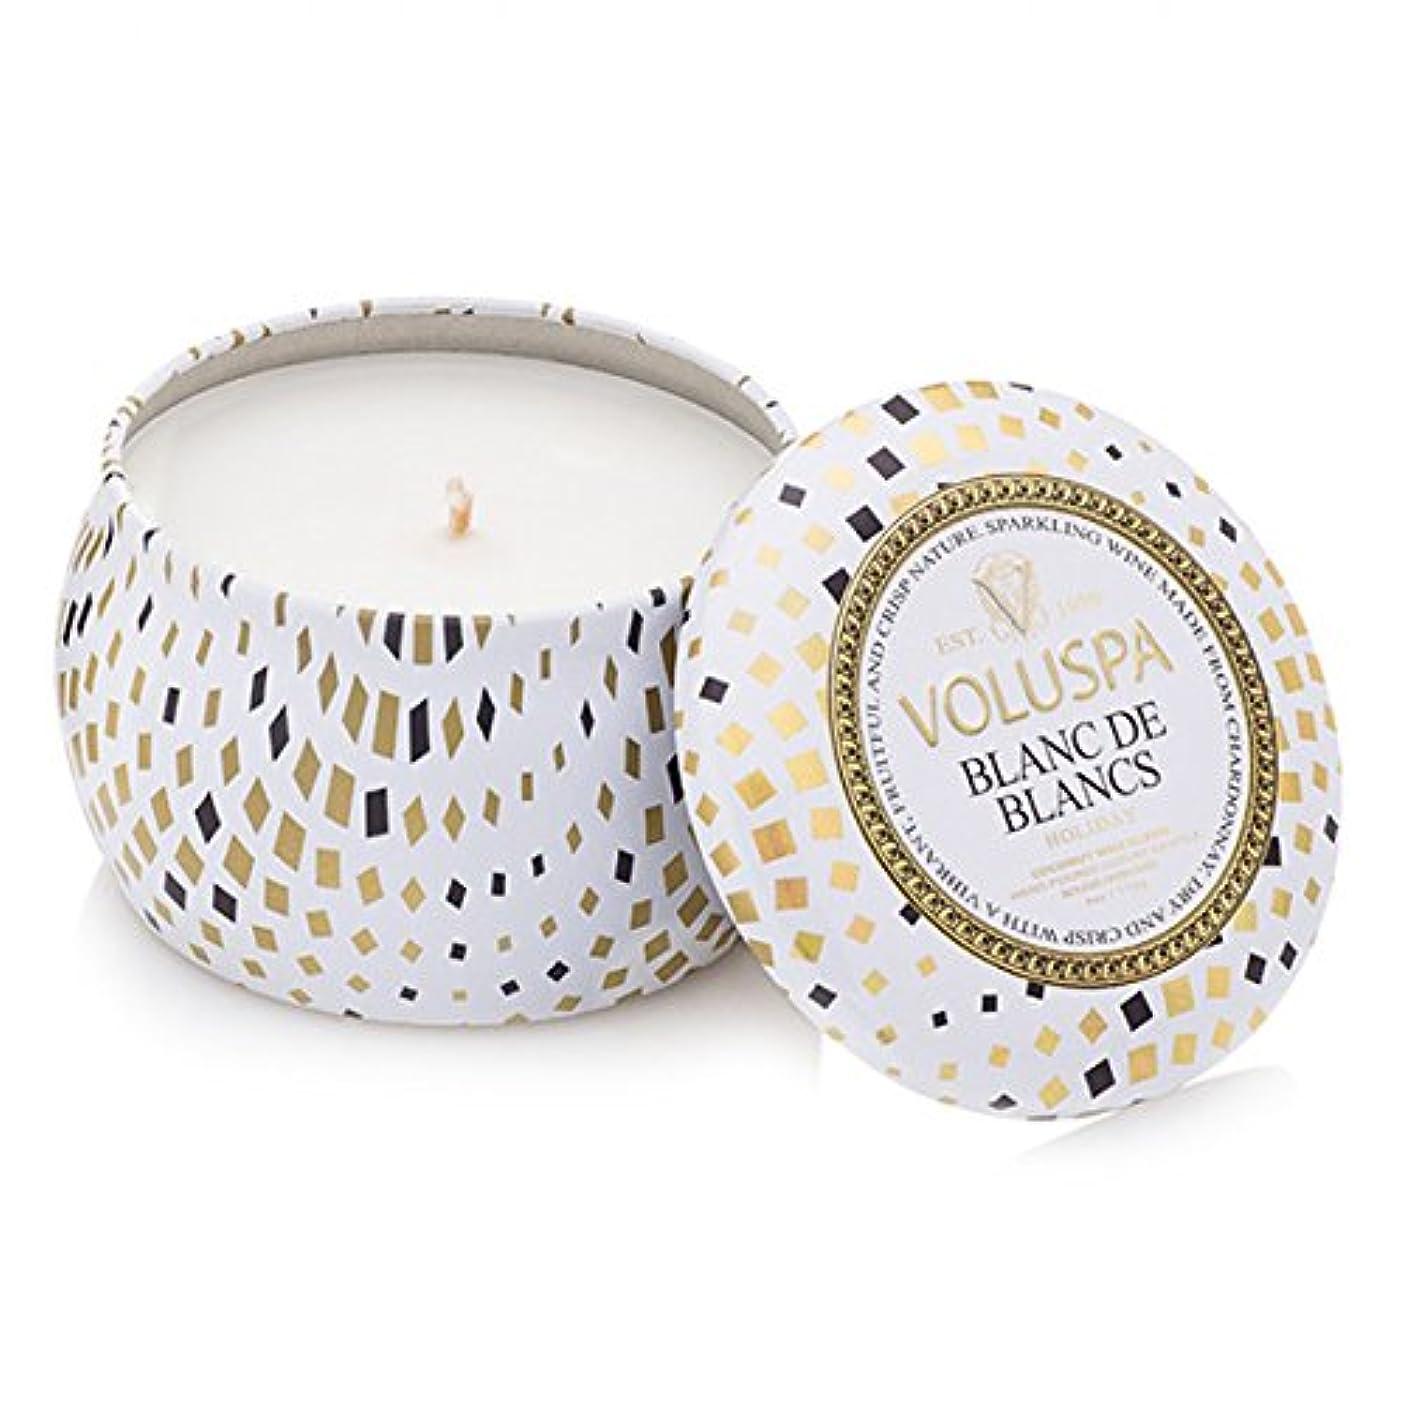 回答に対処する対称Voluspa ボルスパ メゾンホリデー ティンキャンドル  S ブラン ド ブラン BLANC DE BLANCS MASION HOLIDAY PETITE Tin Glass Candle